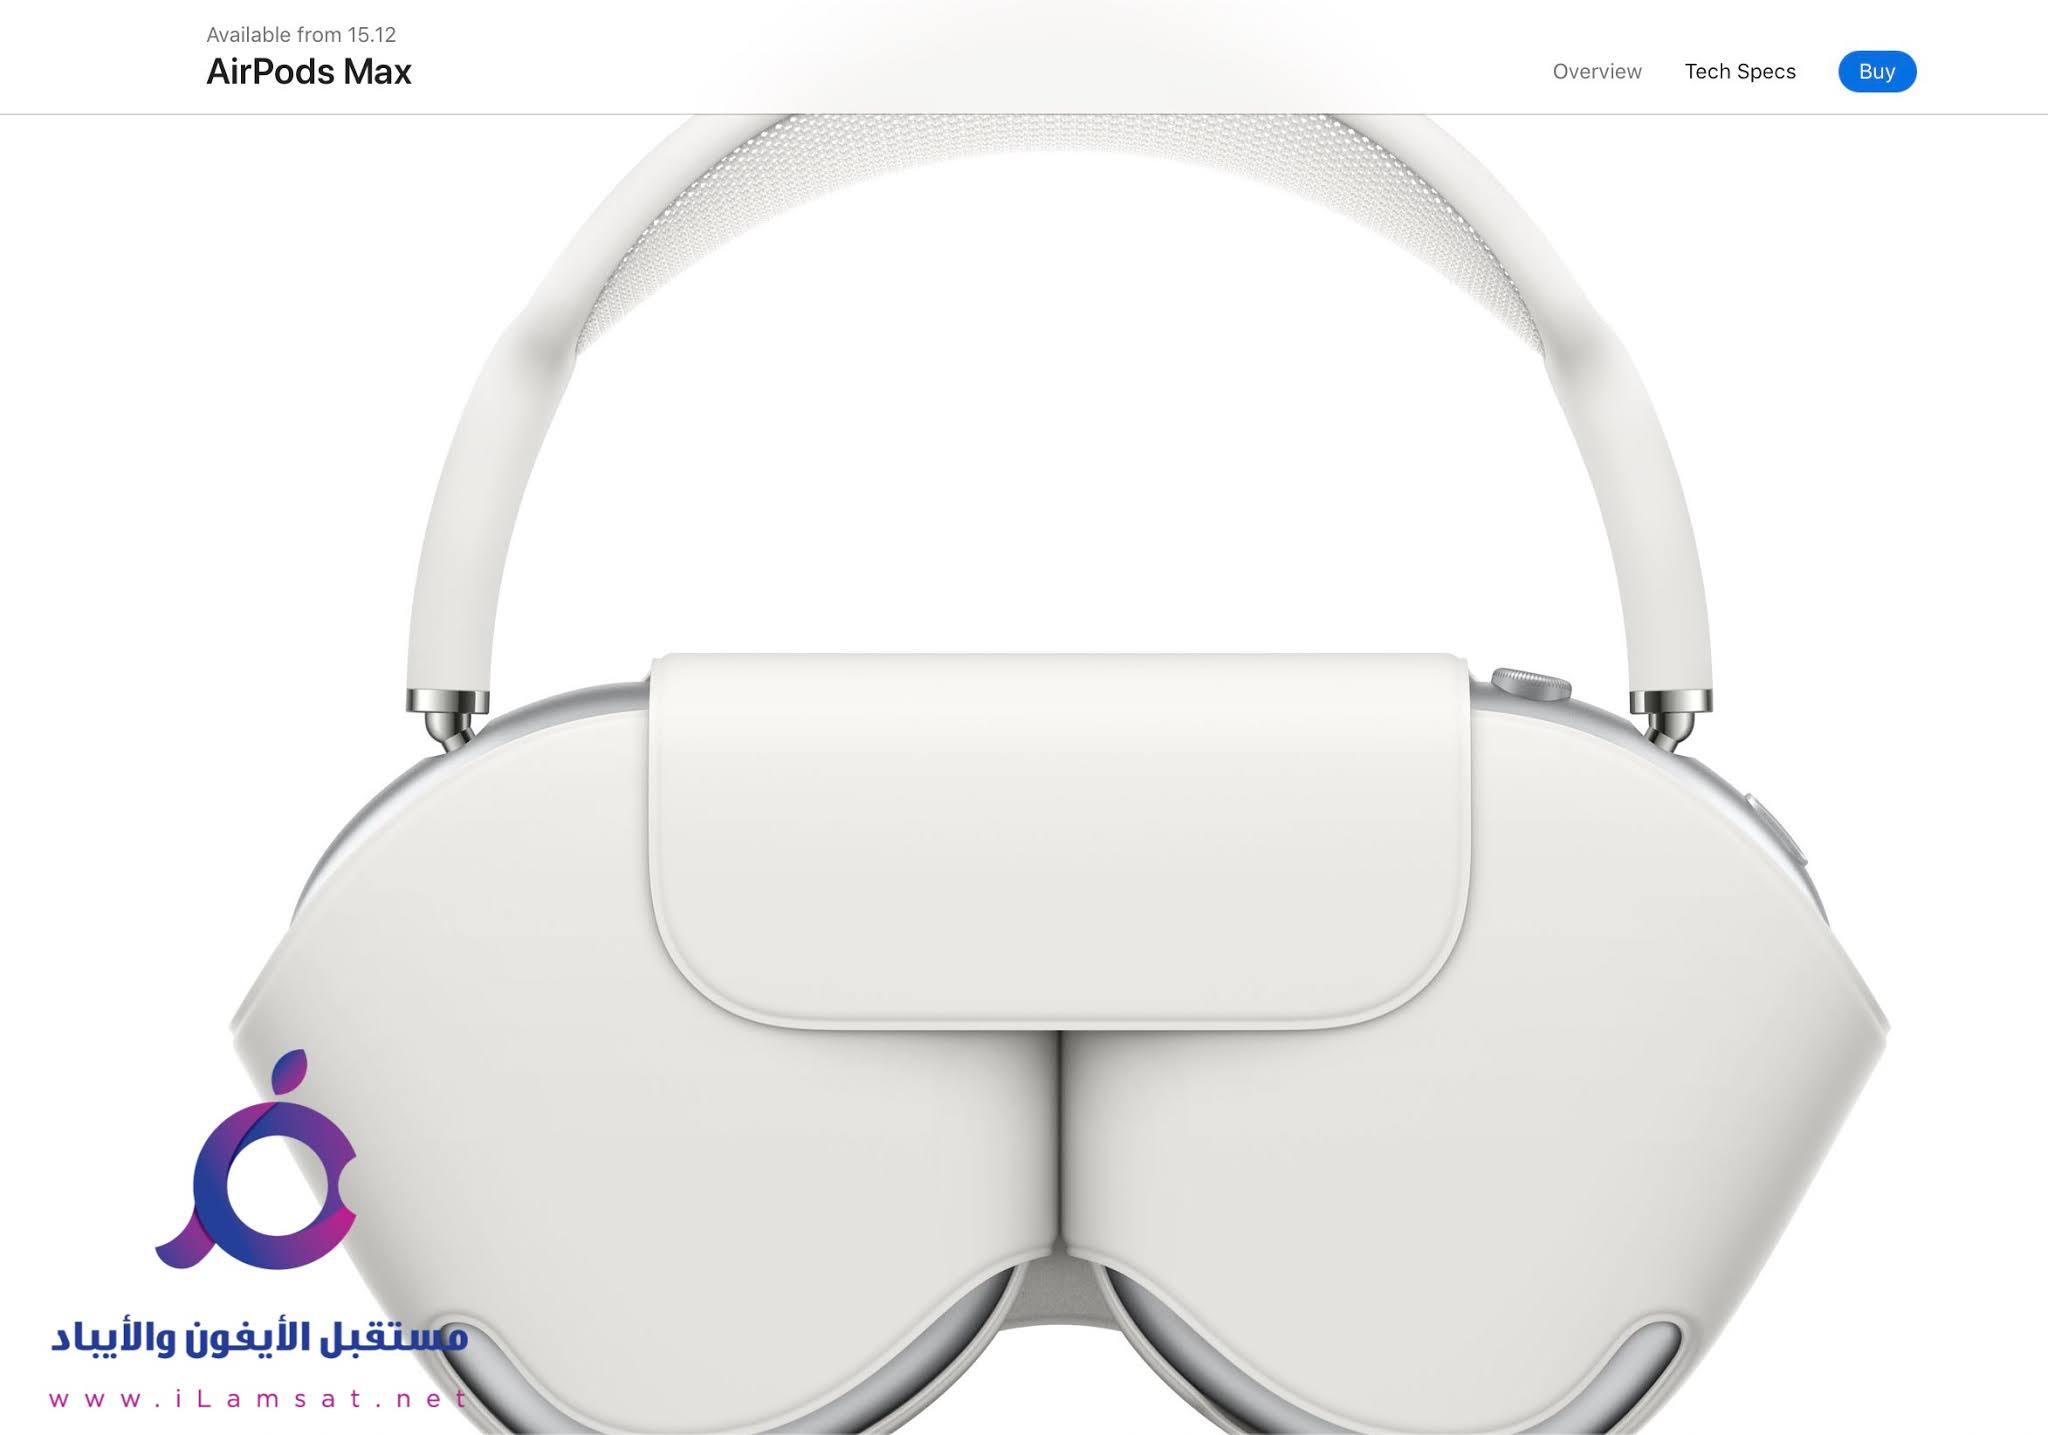 ماهو شكل حقيبة ساعة Apple الجديدة AirPods Max  ؟